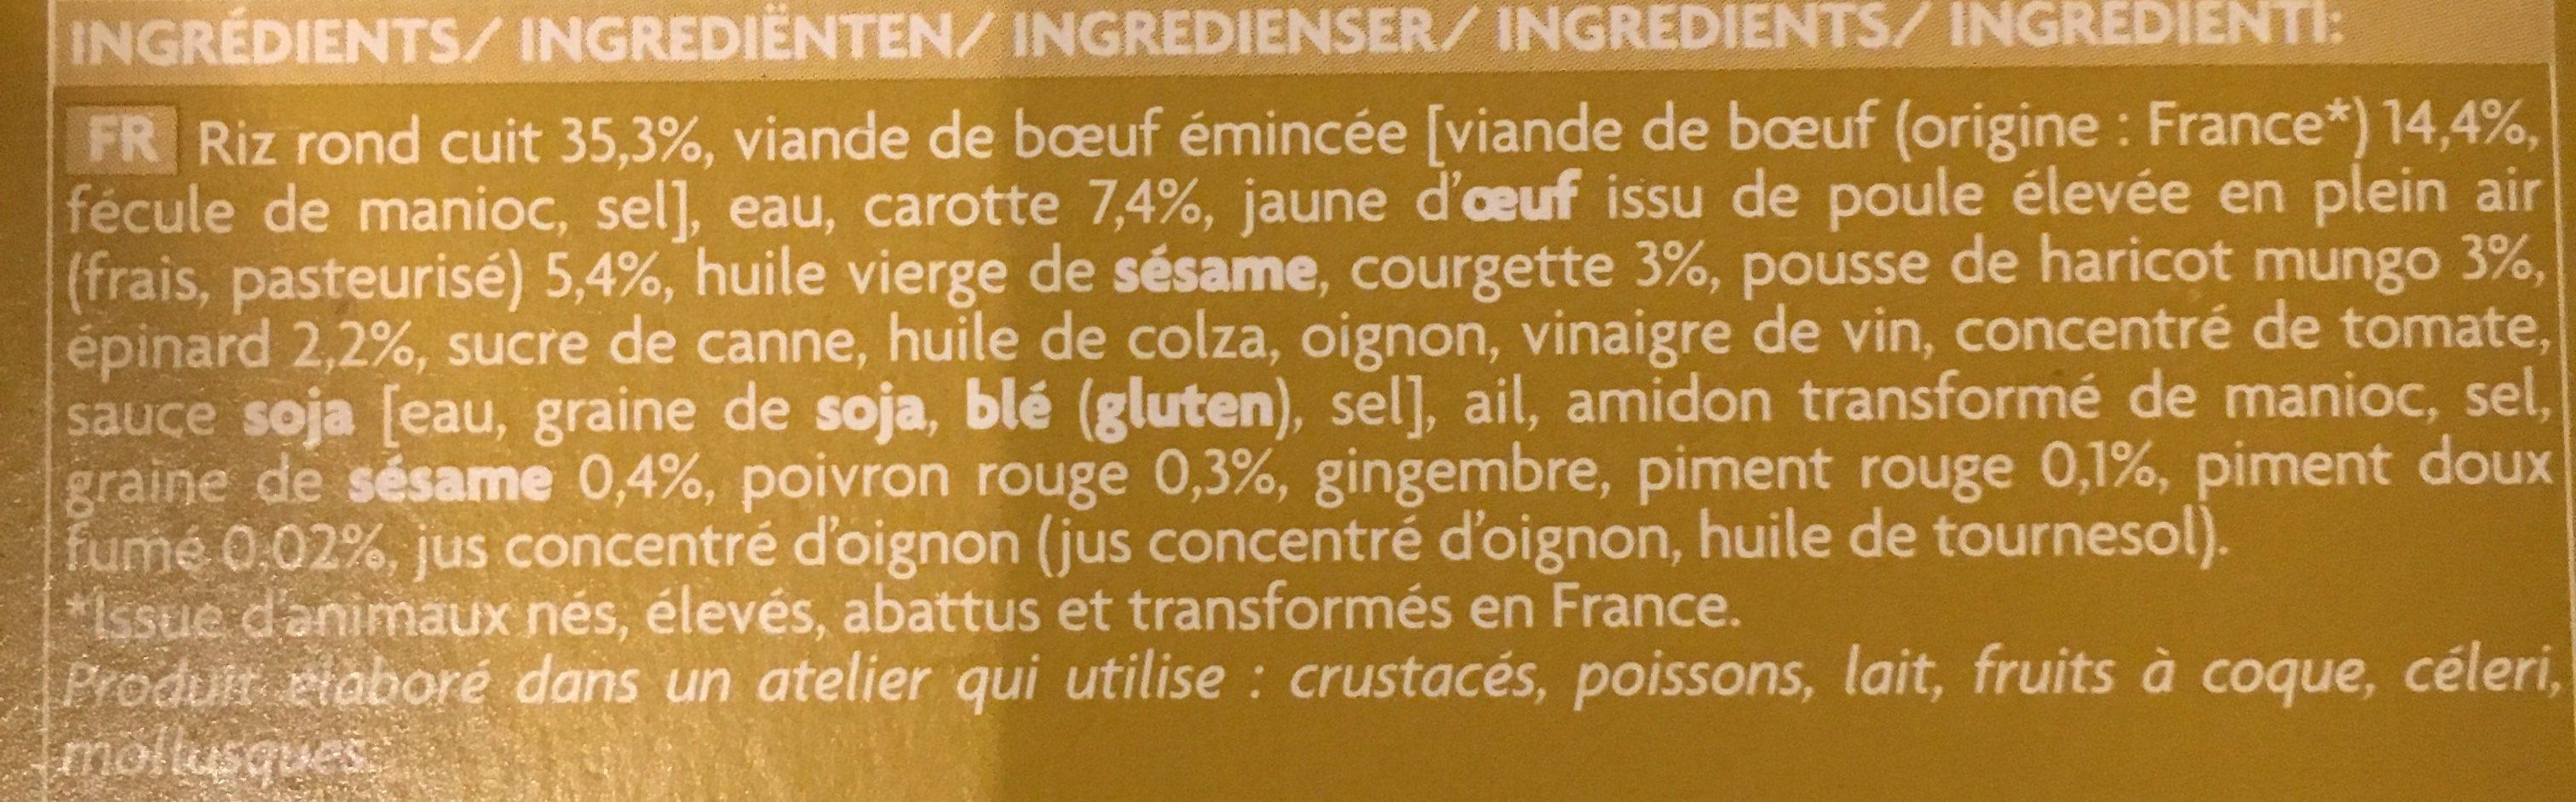 Bibimbap - Ingredients - fr